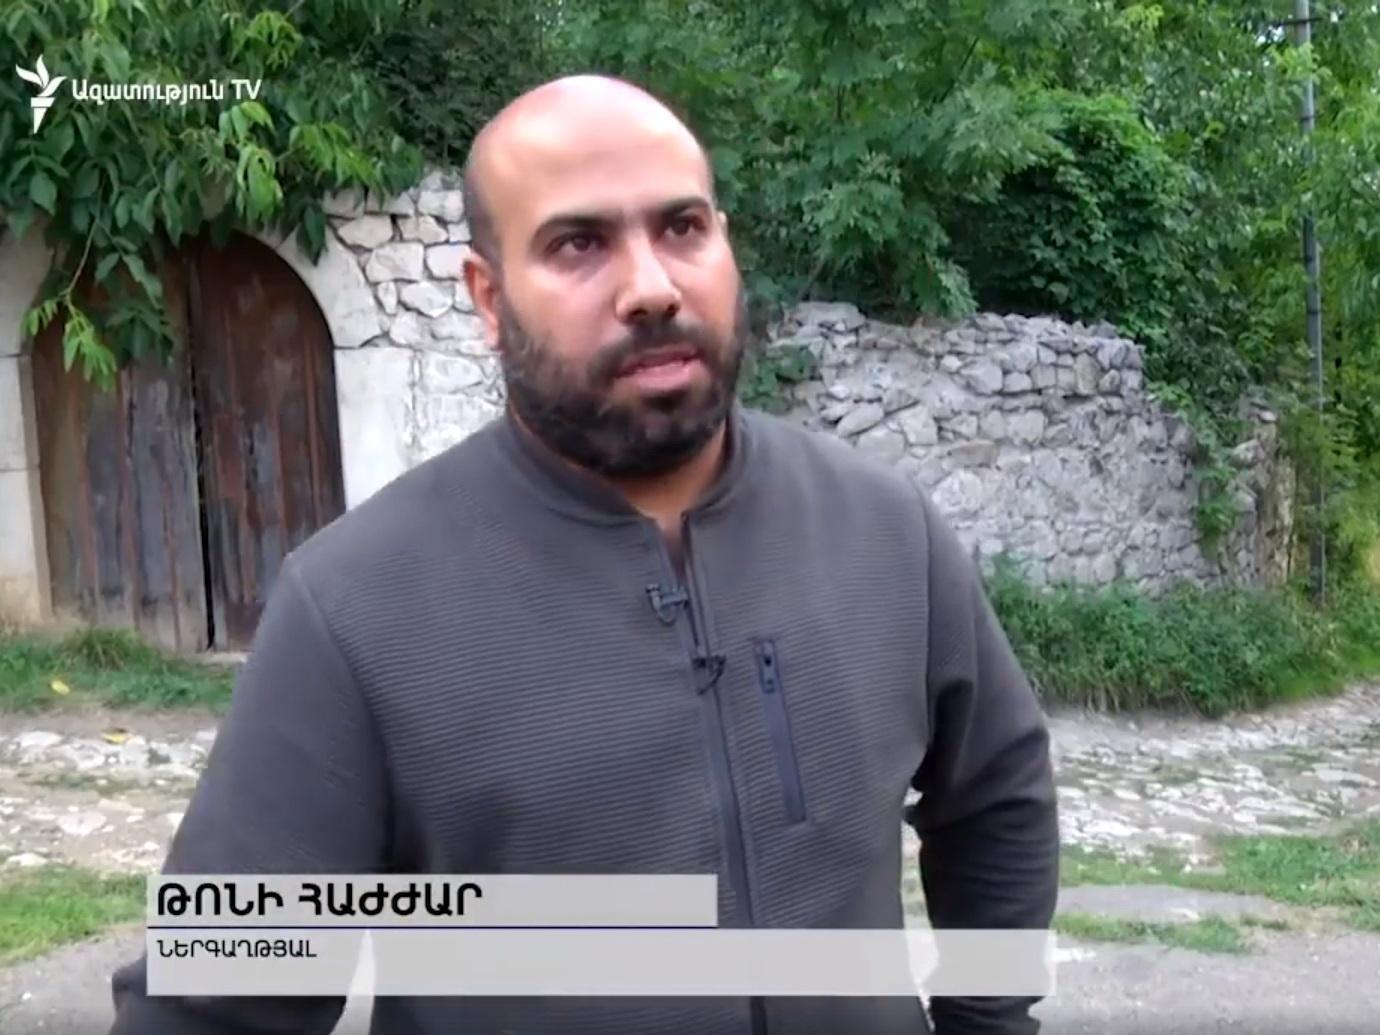 Первые семьи ливанских армян уже поселились в Карабахе: почему мир не видит этой демонстративной провокации?